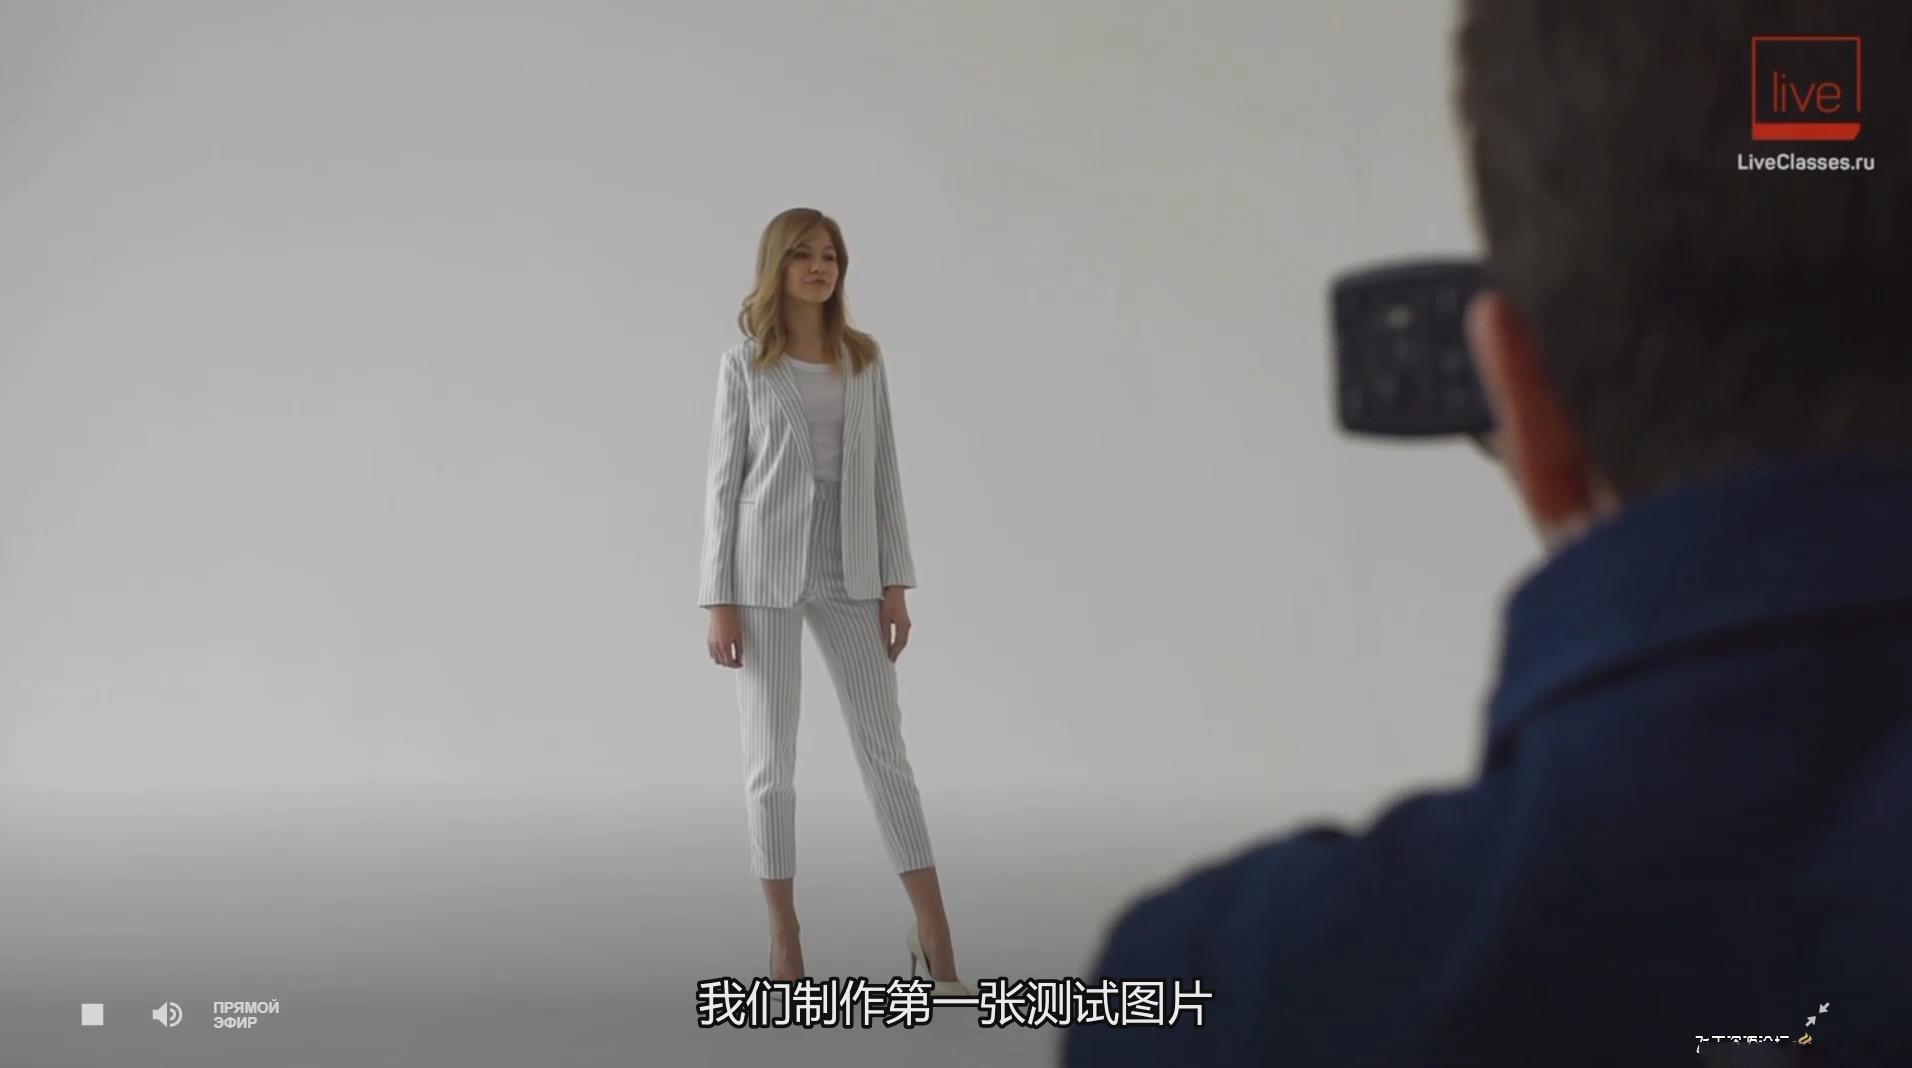 [人像摄影教程] Liveclasses -Alexander Talyuka棚拍时尚杂志人像布光教程-中文字幕